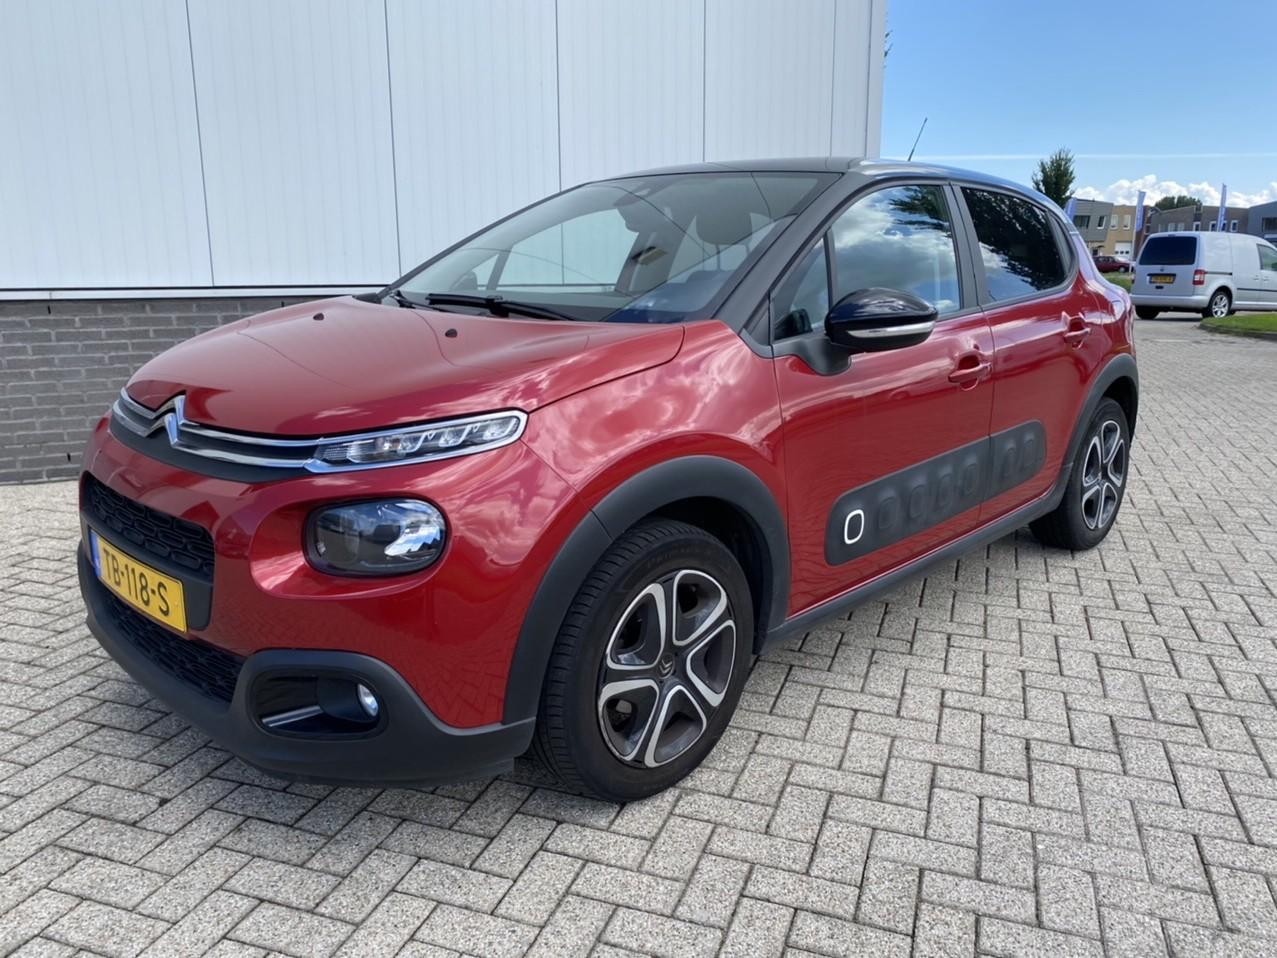 Citroën C3 82 pk feel edition rijklaar prijs